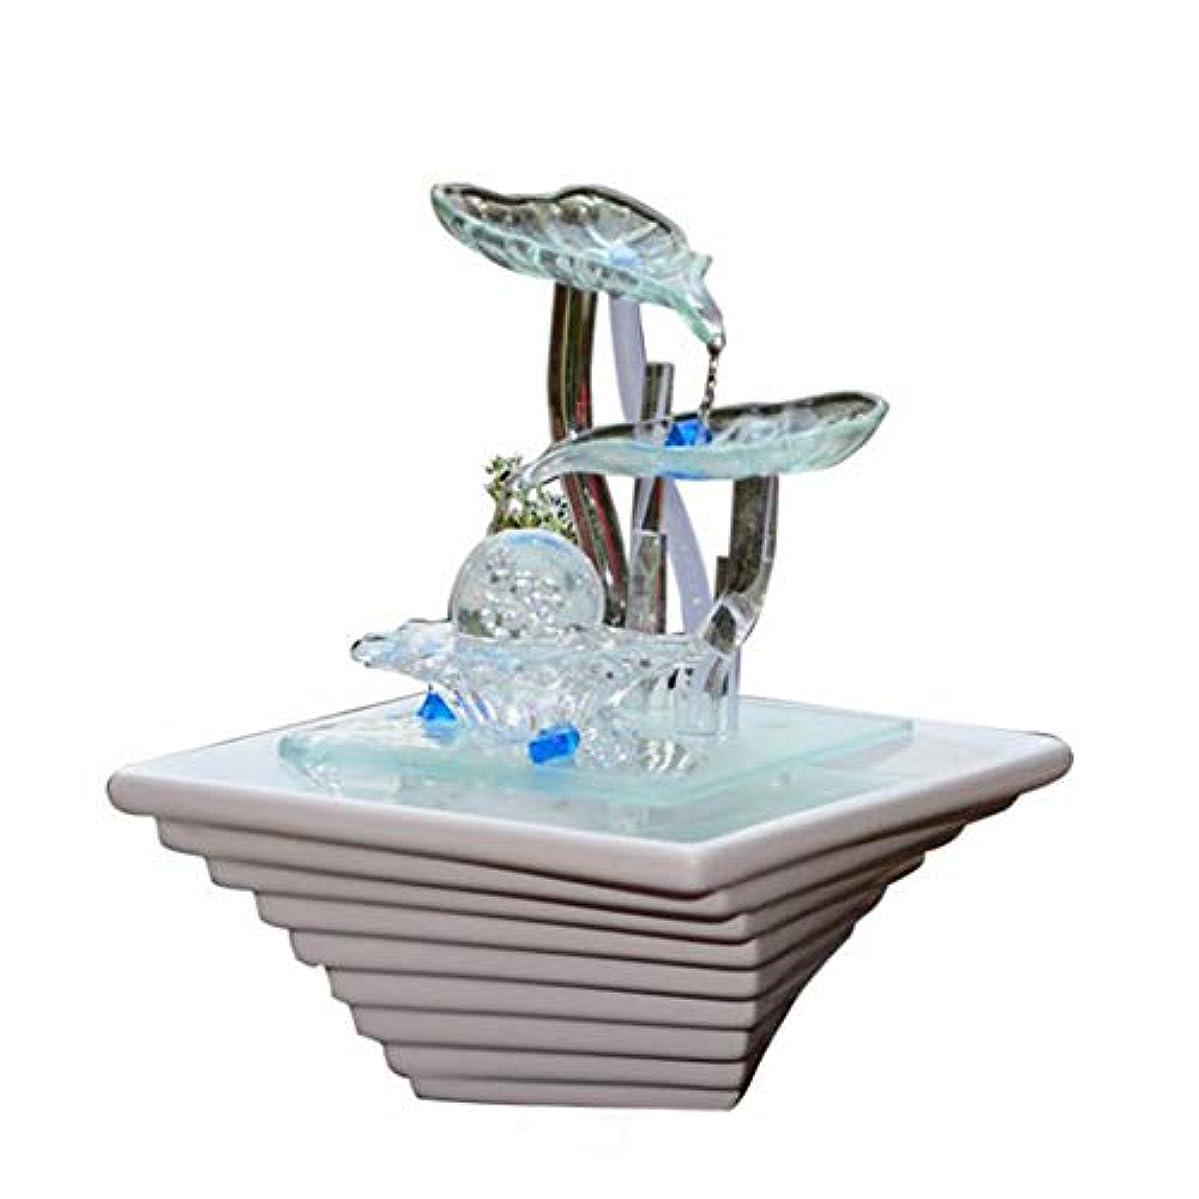 初心者書店戦艦加湿器ホームデスクトップの装飾セラミックガラス工芸品の装飾品噴水装飾品バレンタインデー結婚式の誕生日パーフェクトギフト